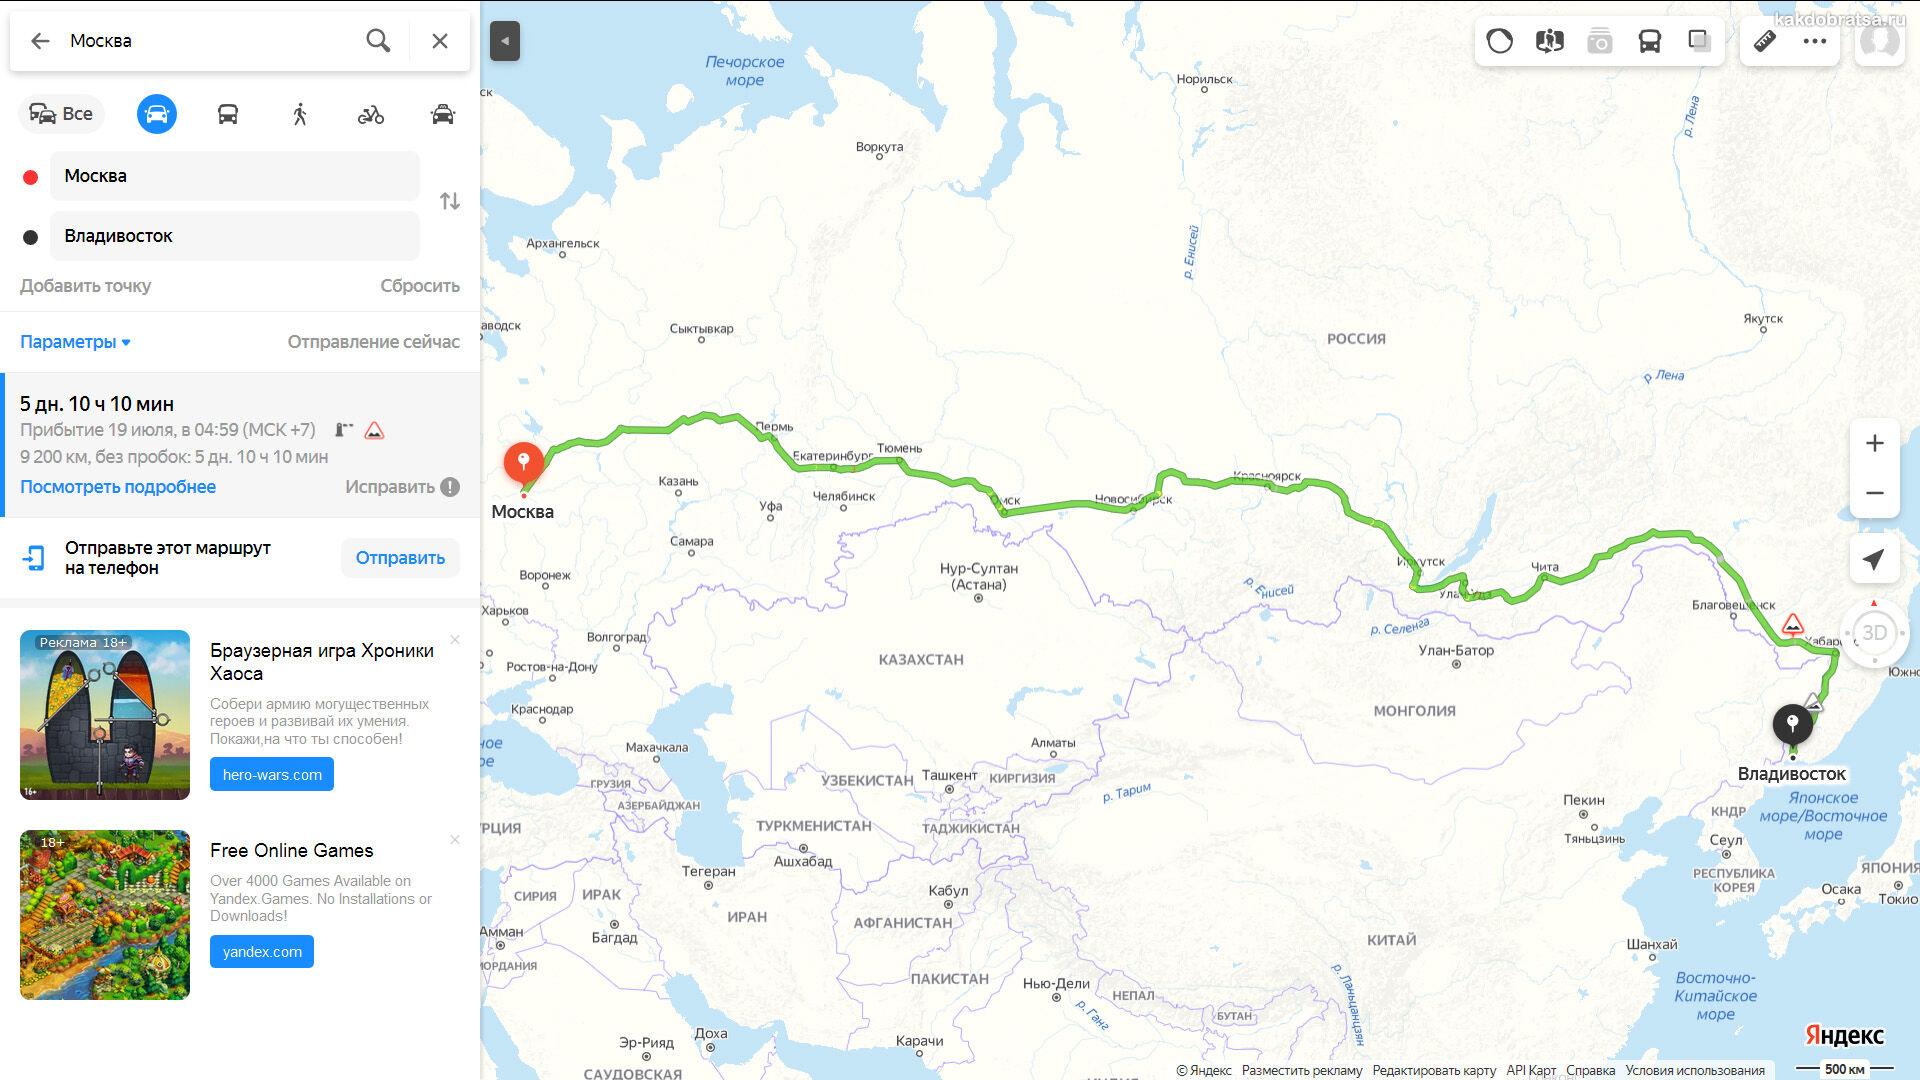 Как добраться из Москвы до Владивостока - карта